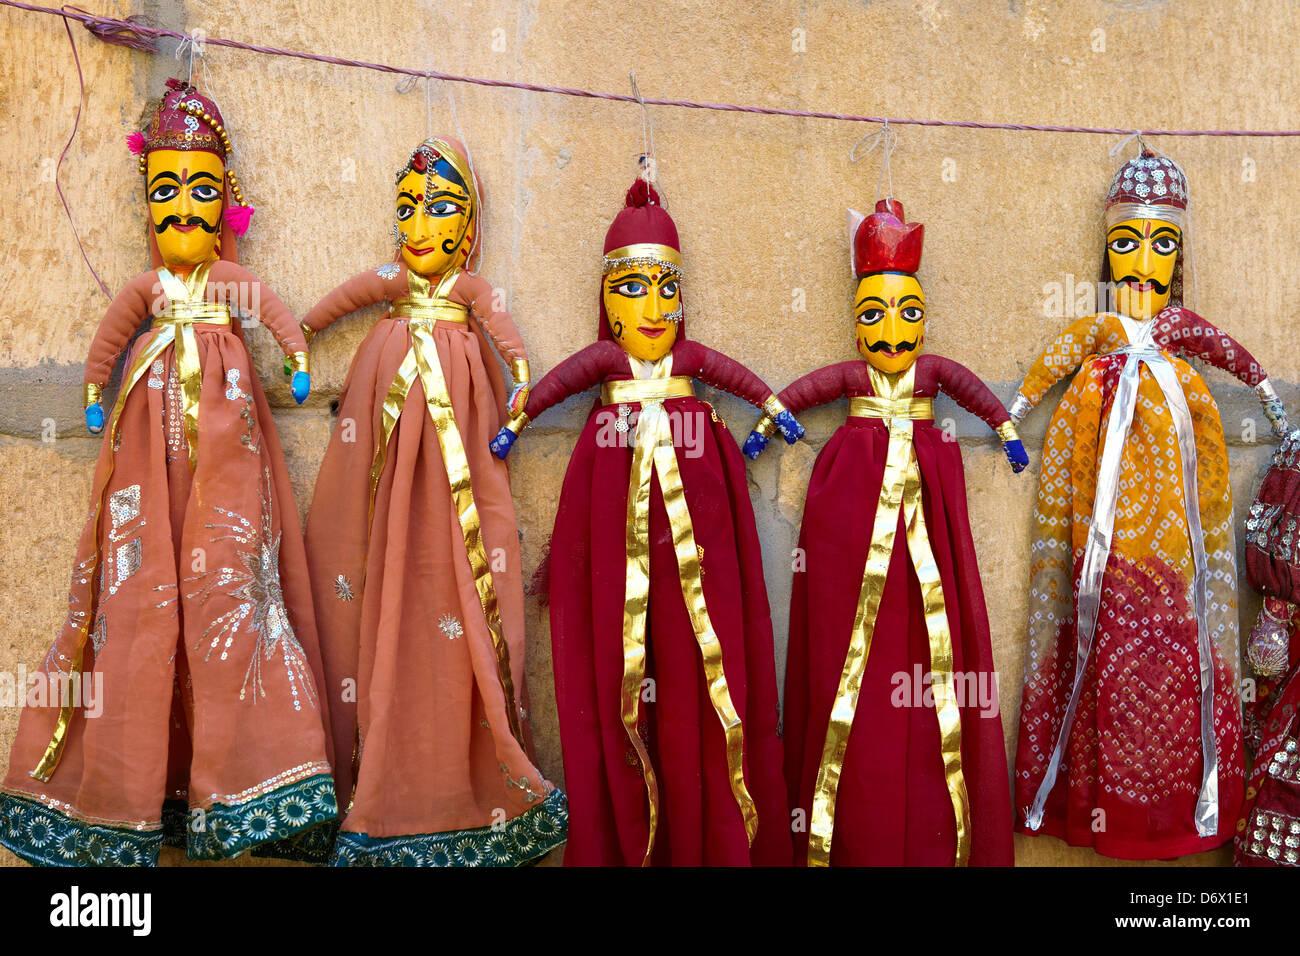 Beliebte indische Souvenirs - traditionelle Puppen Puppen aus nördlichen Rajasthan, Jaisalmer, Indien Stockbild